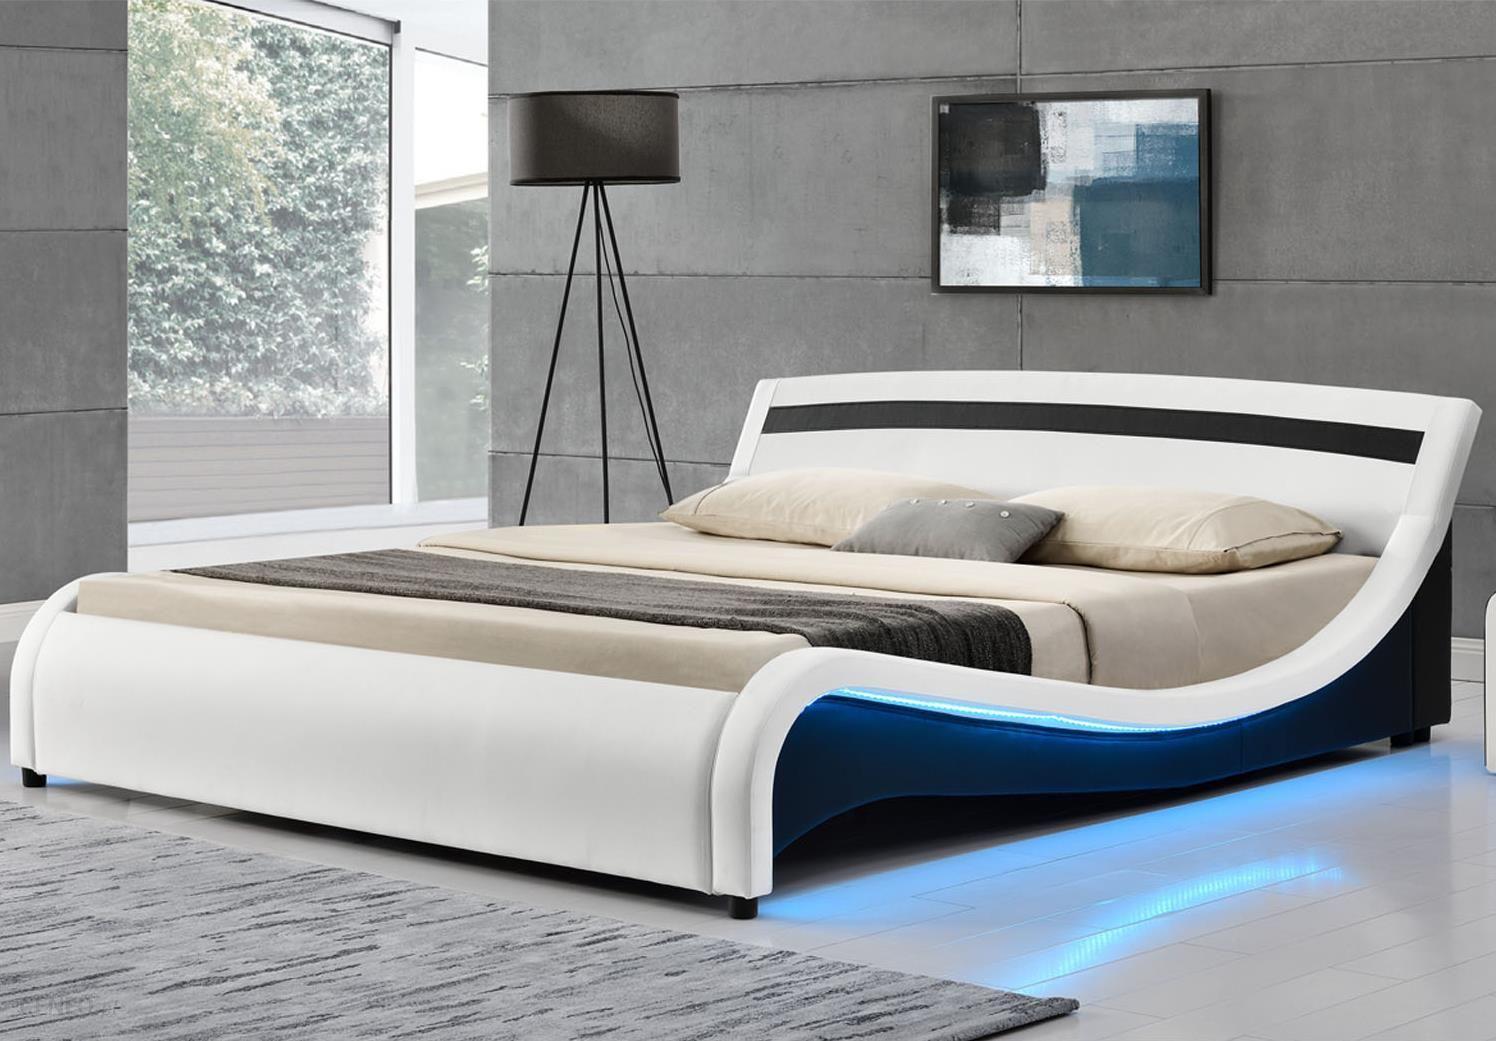 łóżko Tapicerowane Skórzane 160x200 Malaga Biało Czarne Led Opinie I Atrakcyjne Ceny Na Ceneopl